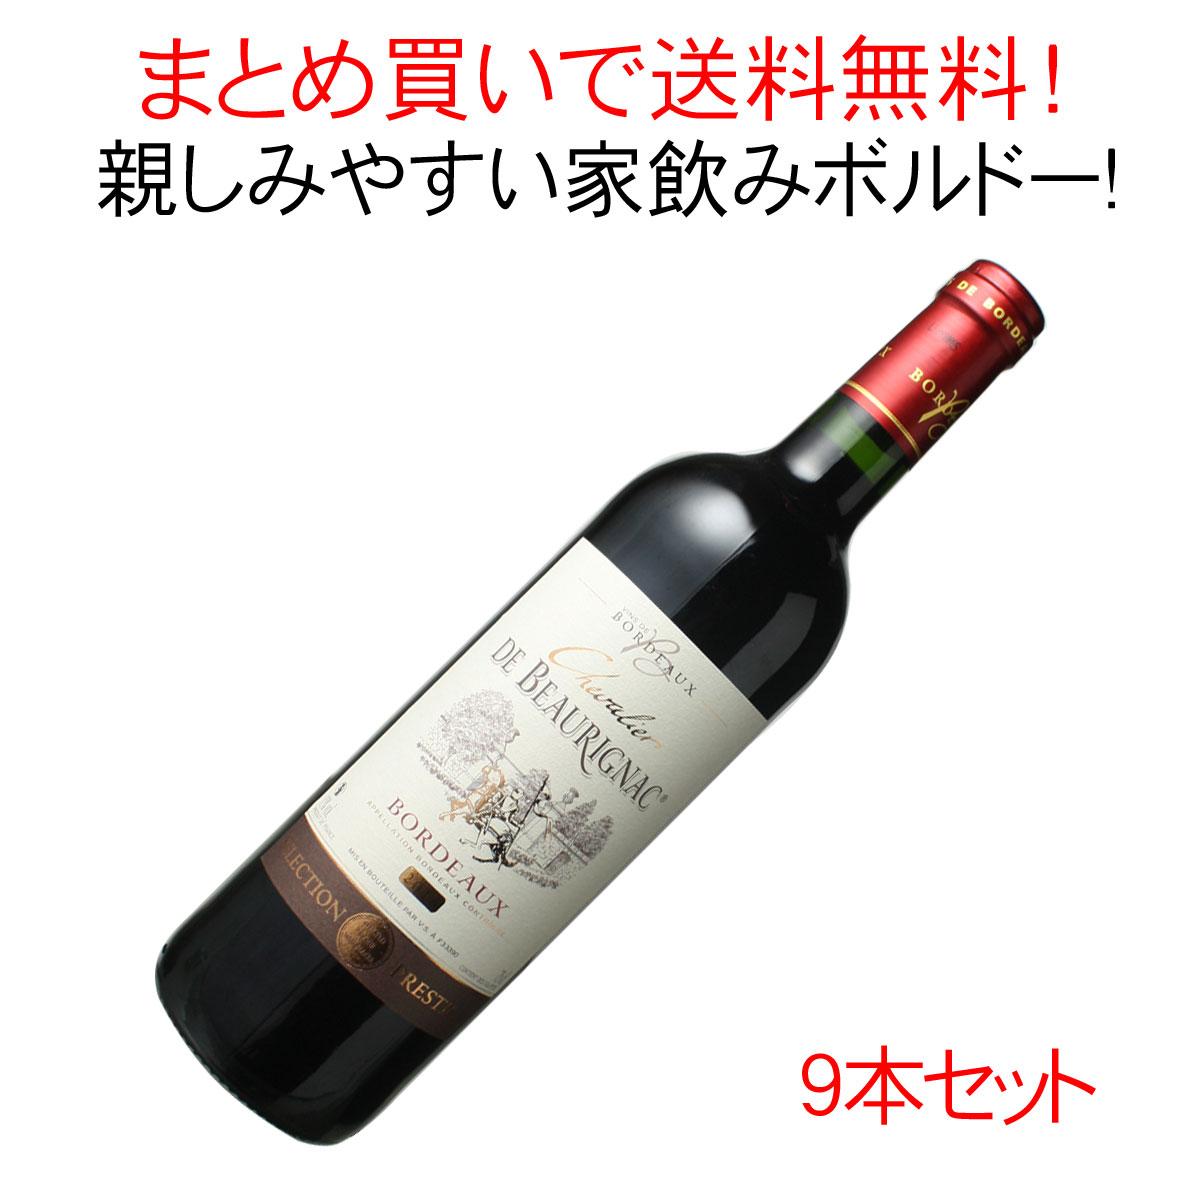 【送料無料】シュヴァリエ・ド・ボーリニャック [2018] 1ケース9本セット <ワイン/ボルドー>